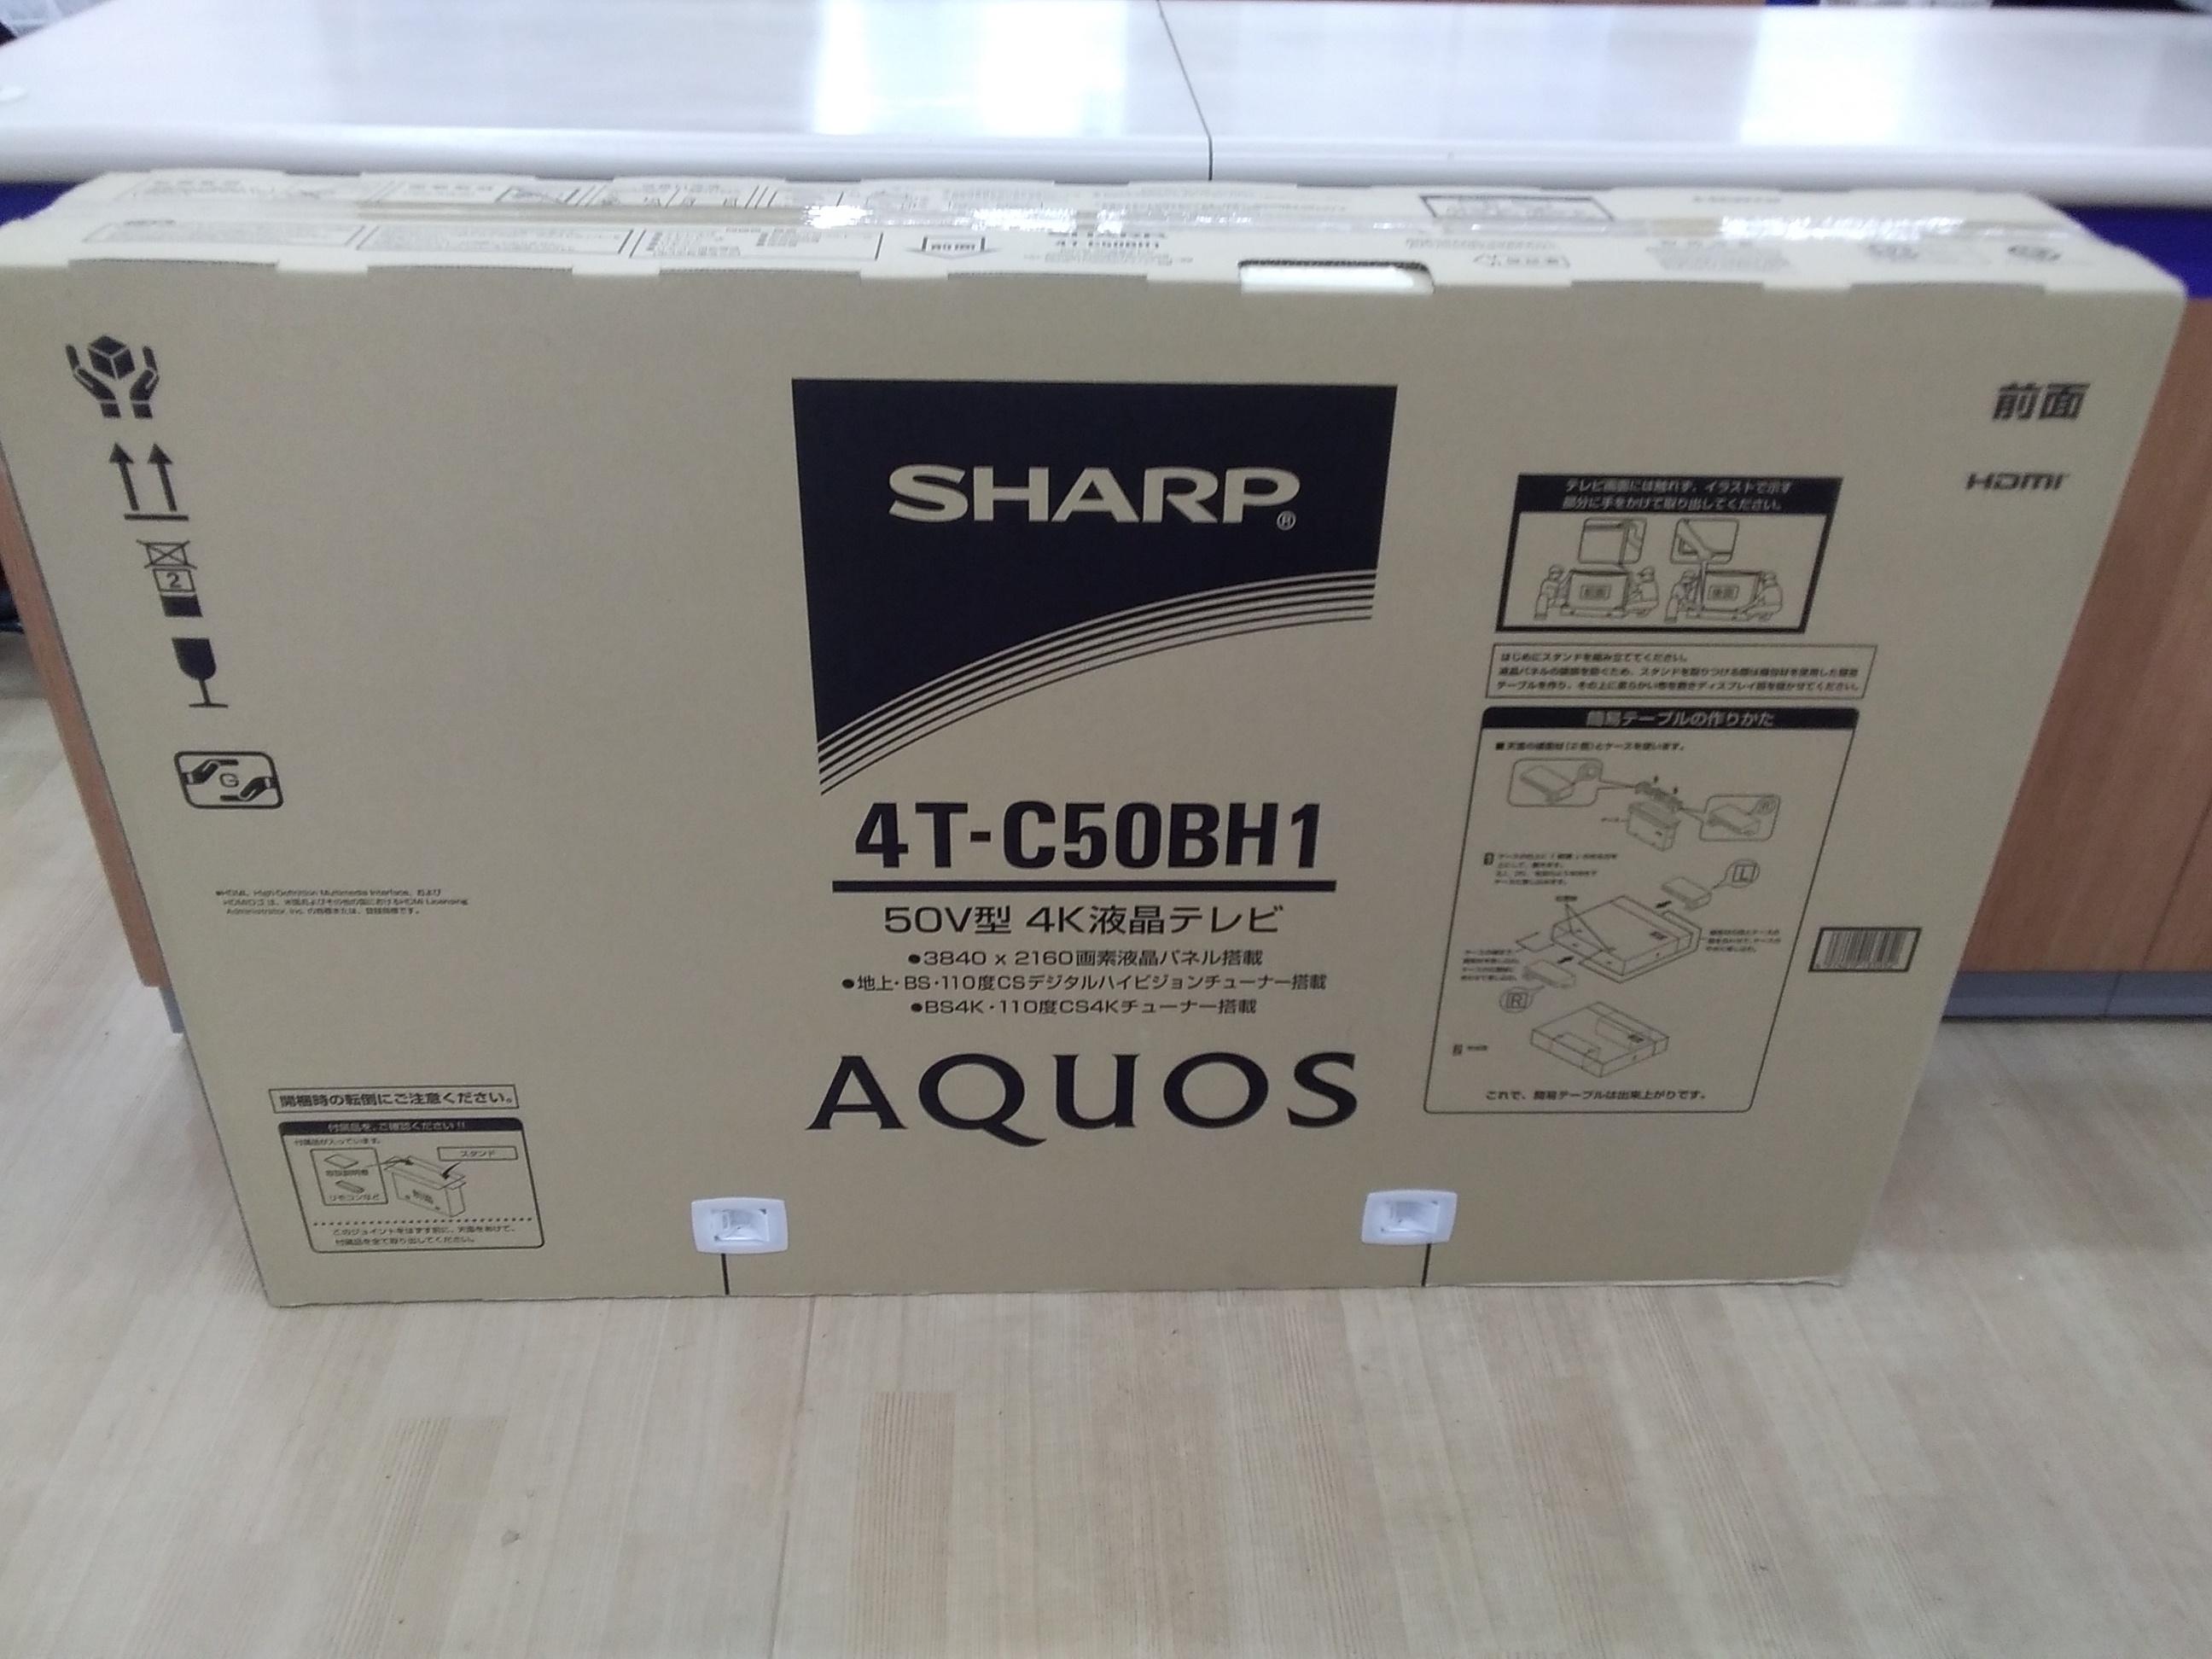 ★未開封品★ 50インチ液晶テレビ (4K対応)|SHARP